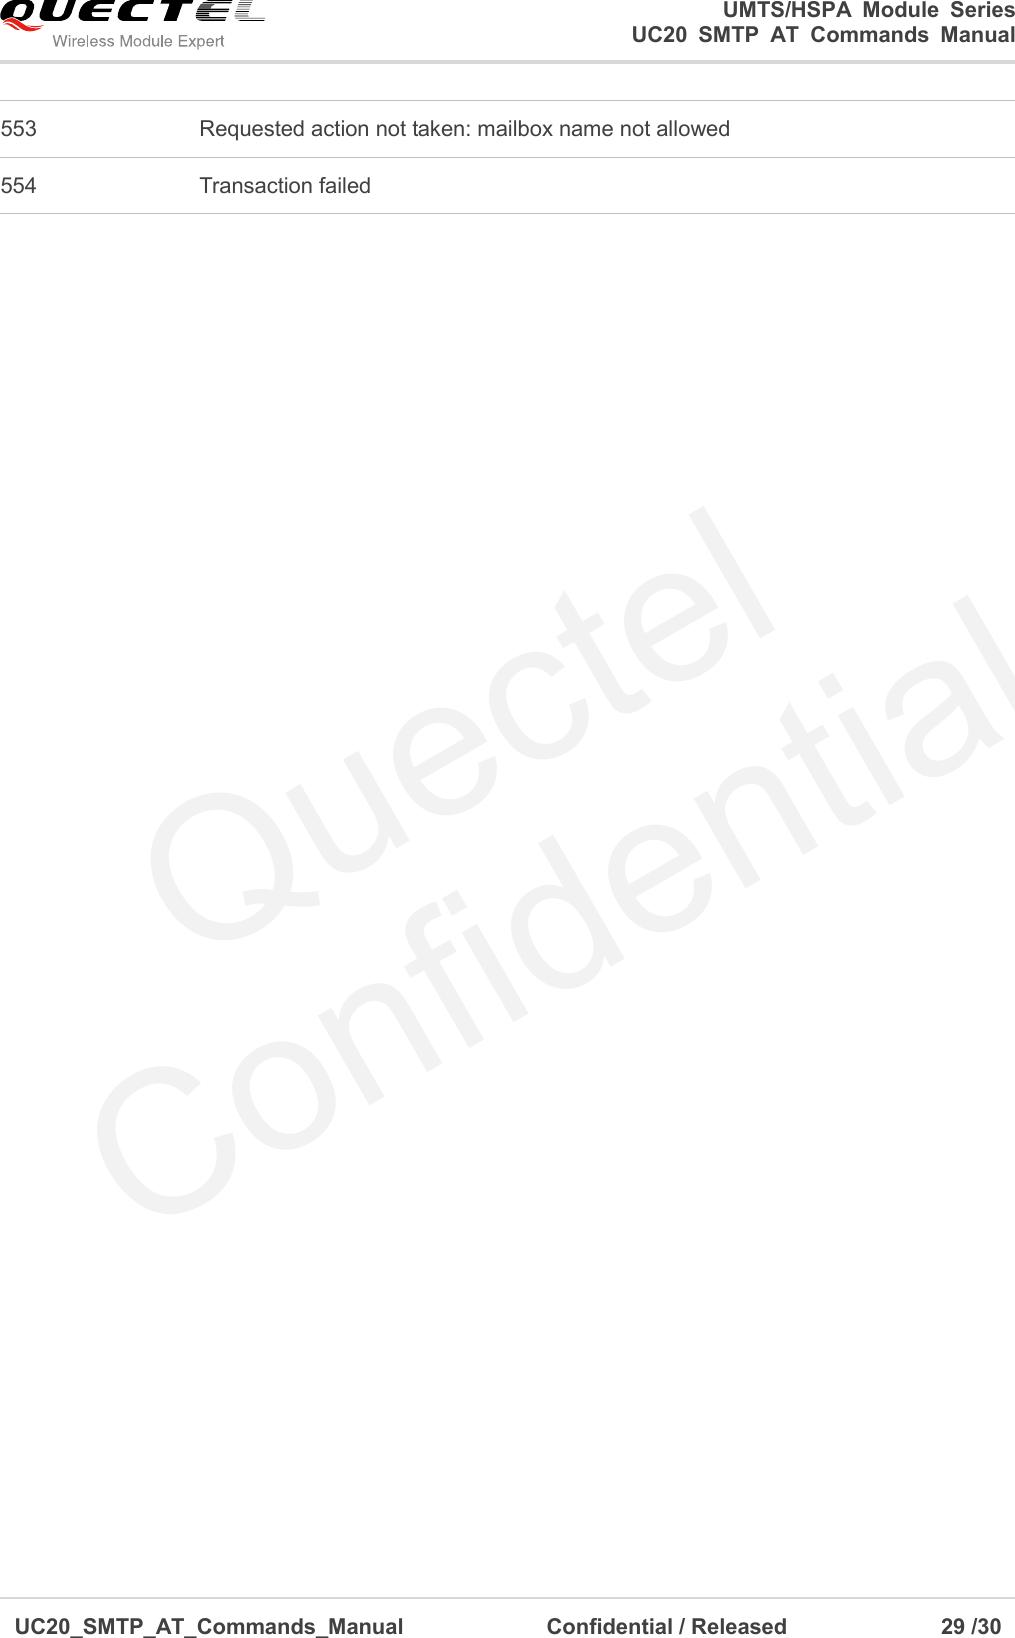 Quectel UC20 SMTP AT Commands Manual V1 2